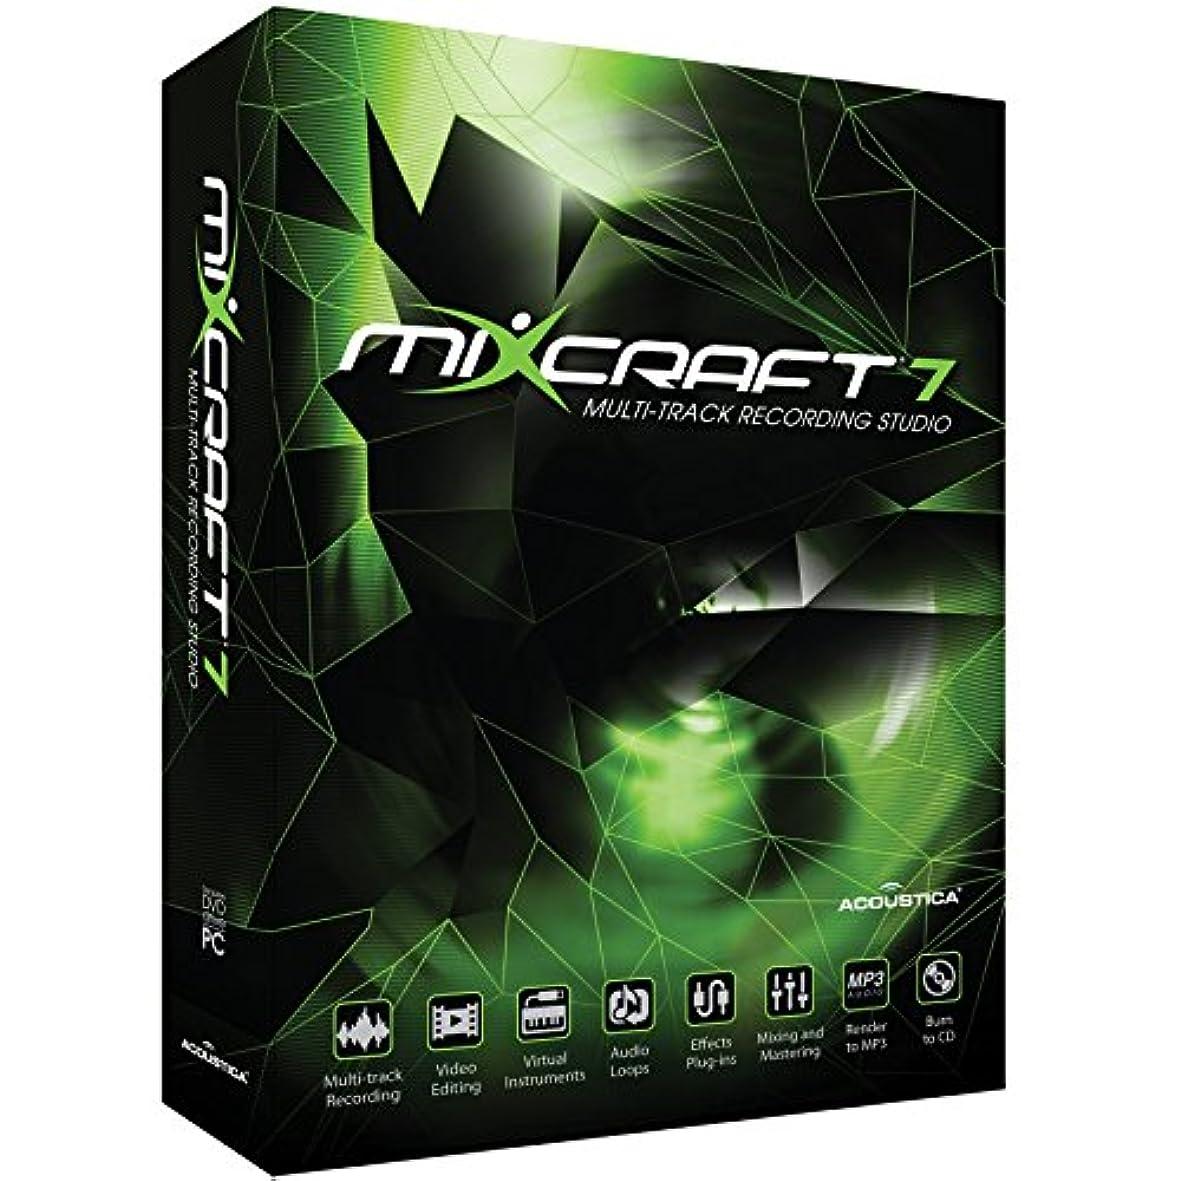 アクチュエータグリップフィードACOUSTICA 動画編集機能付き音楽制作ソフト Mixcraft 7(ミックスクラフトセブン)